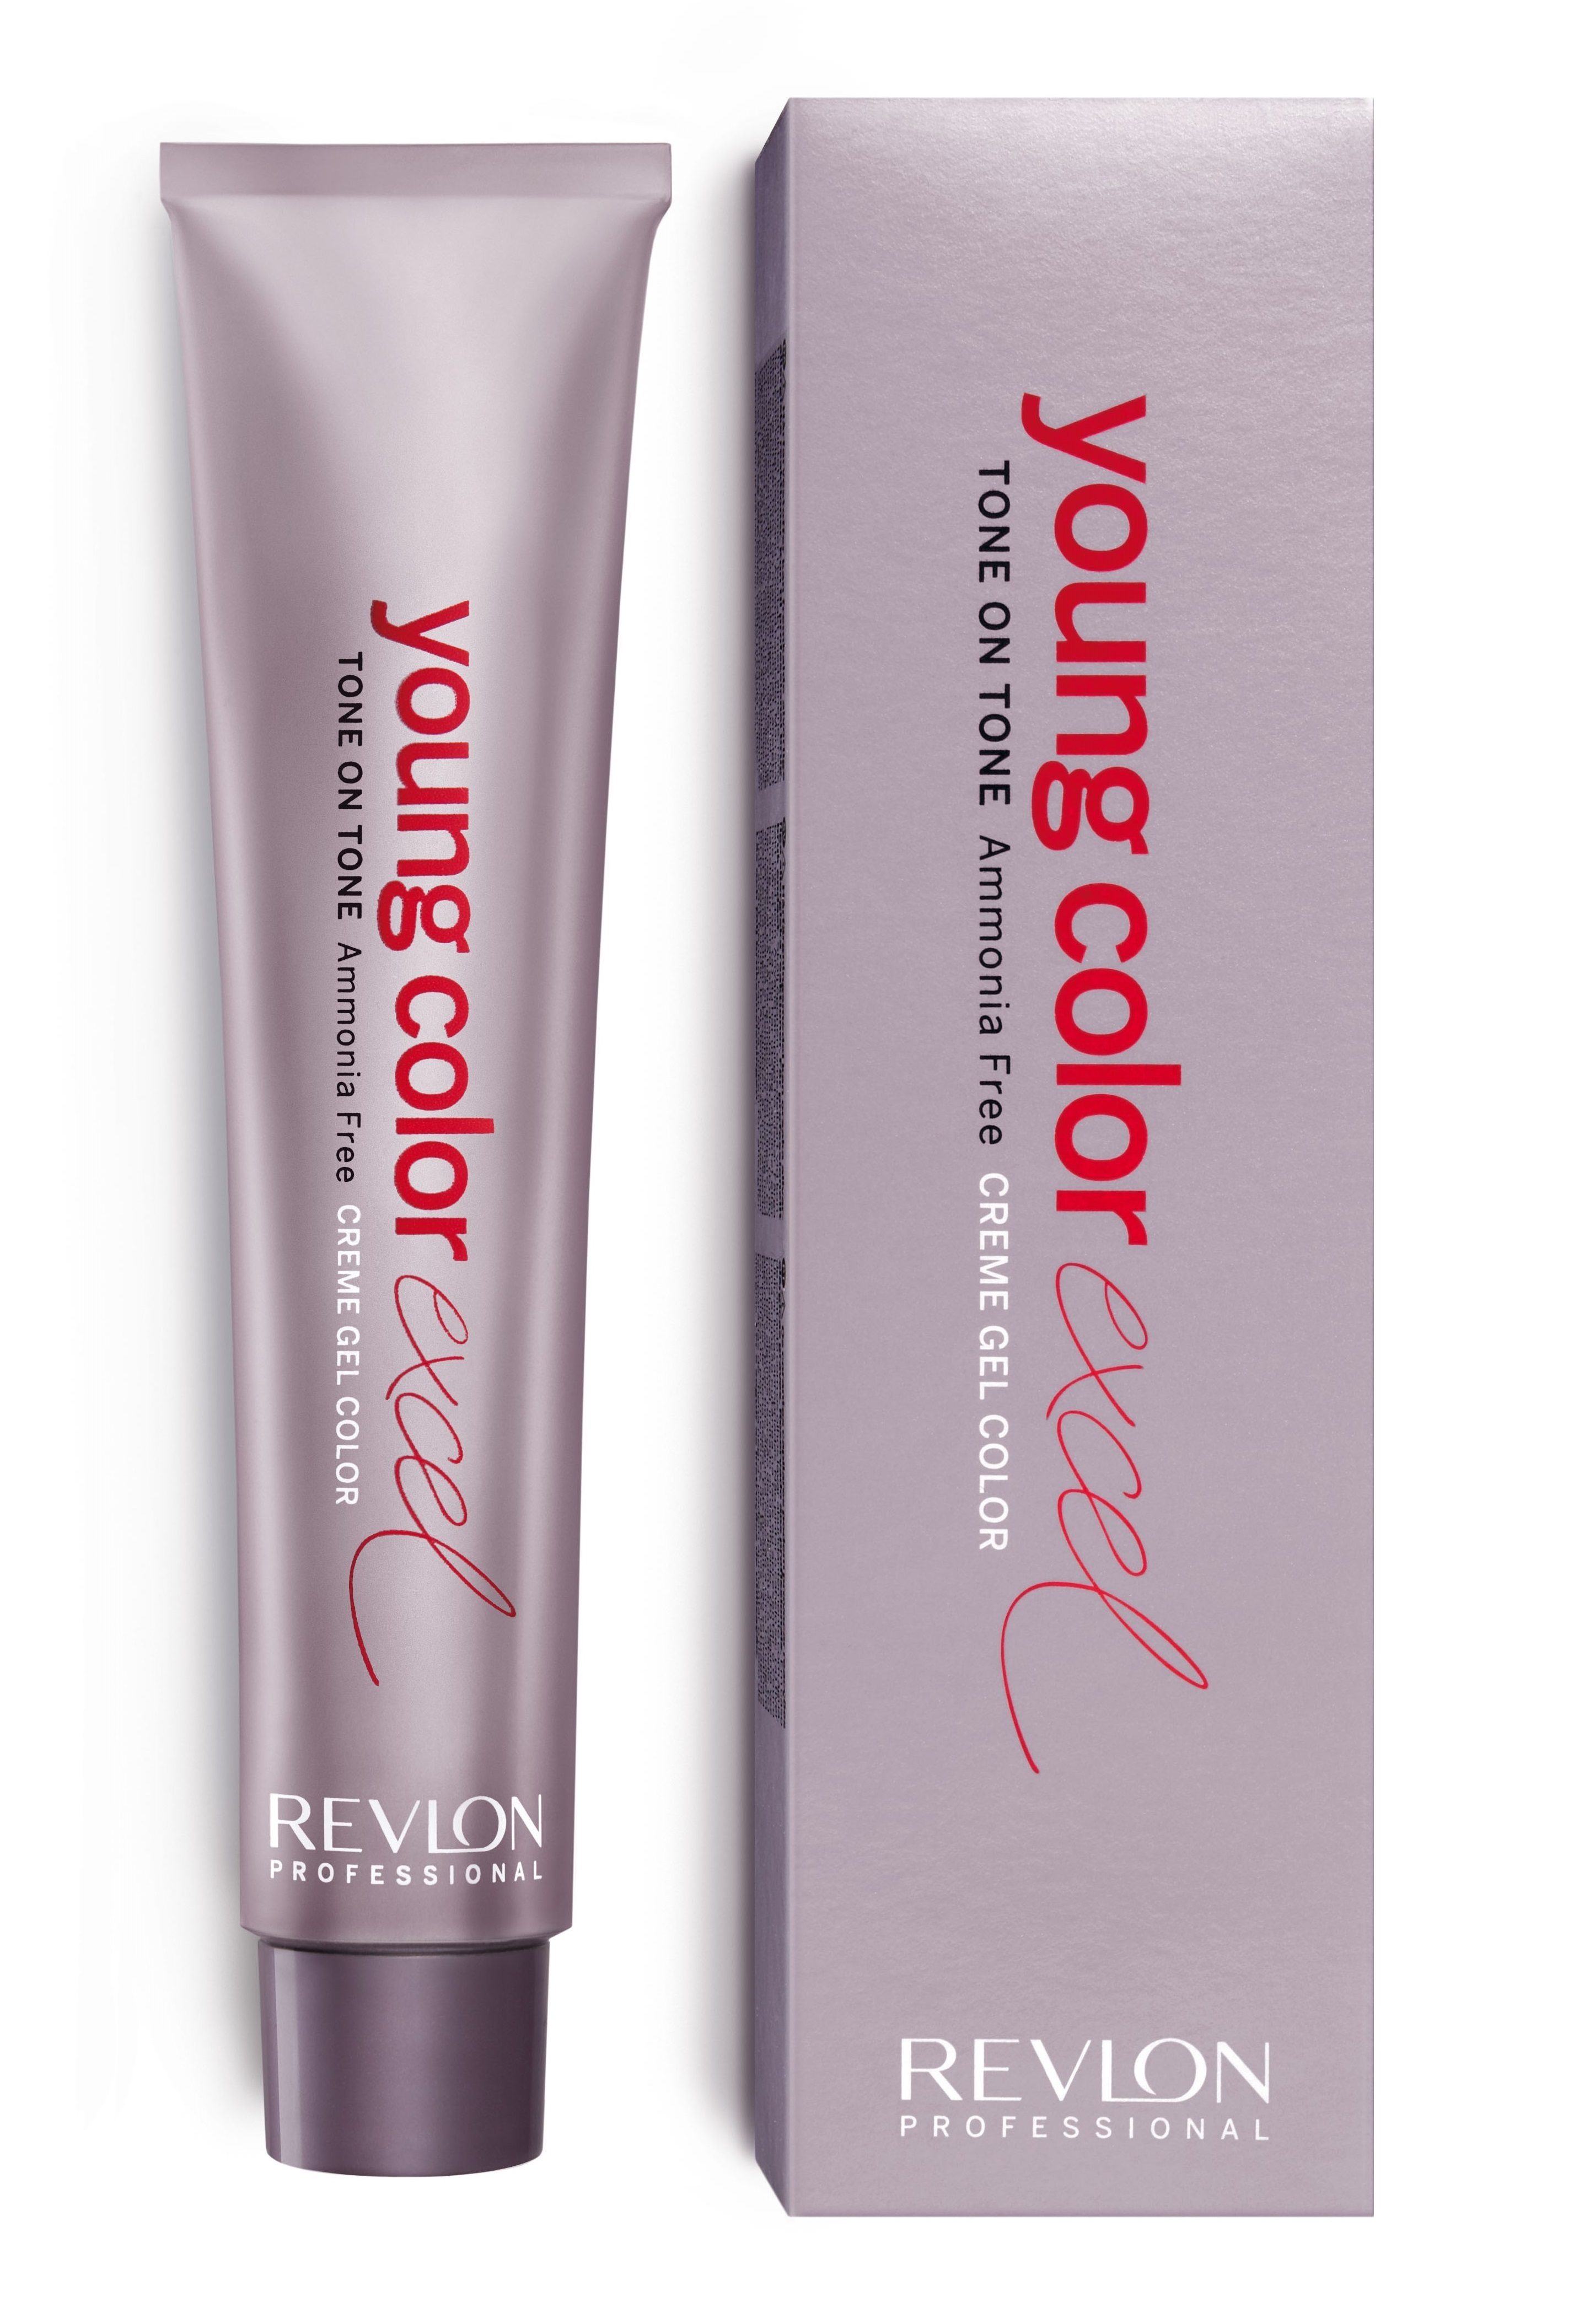 REVLON Professional 8 крем-гель полуперманентный, блондин светлый / YOUNG COLOR EXCEL 70 мл revlon биоактиватор ультра софт 1 8